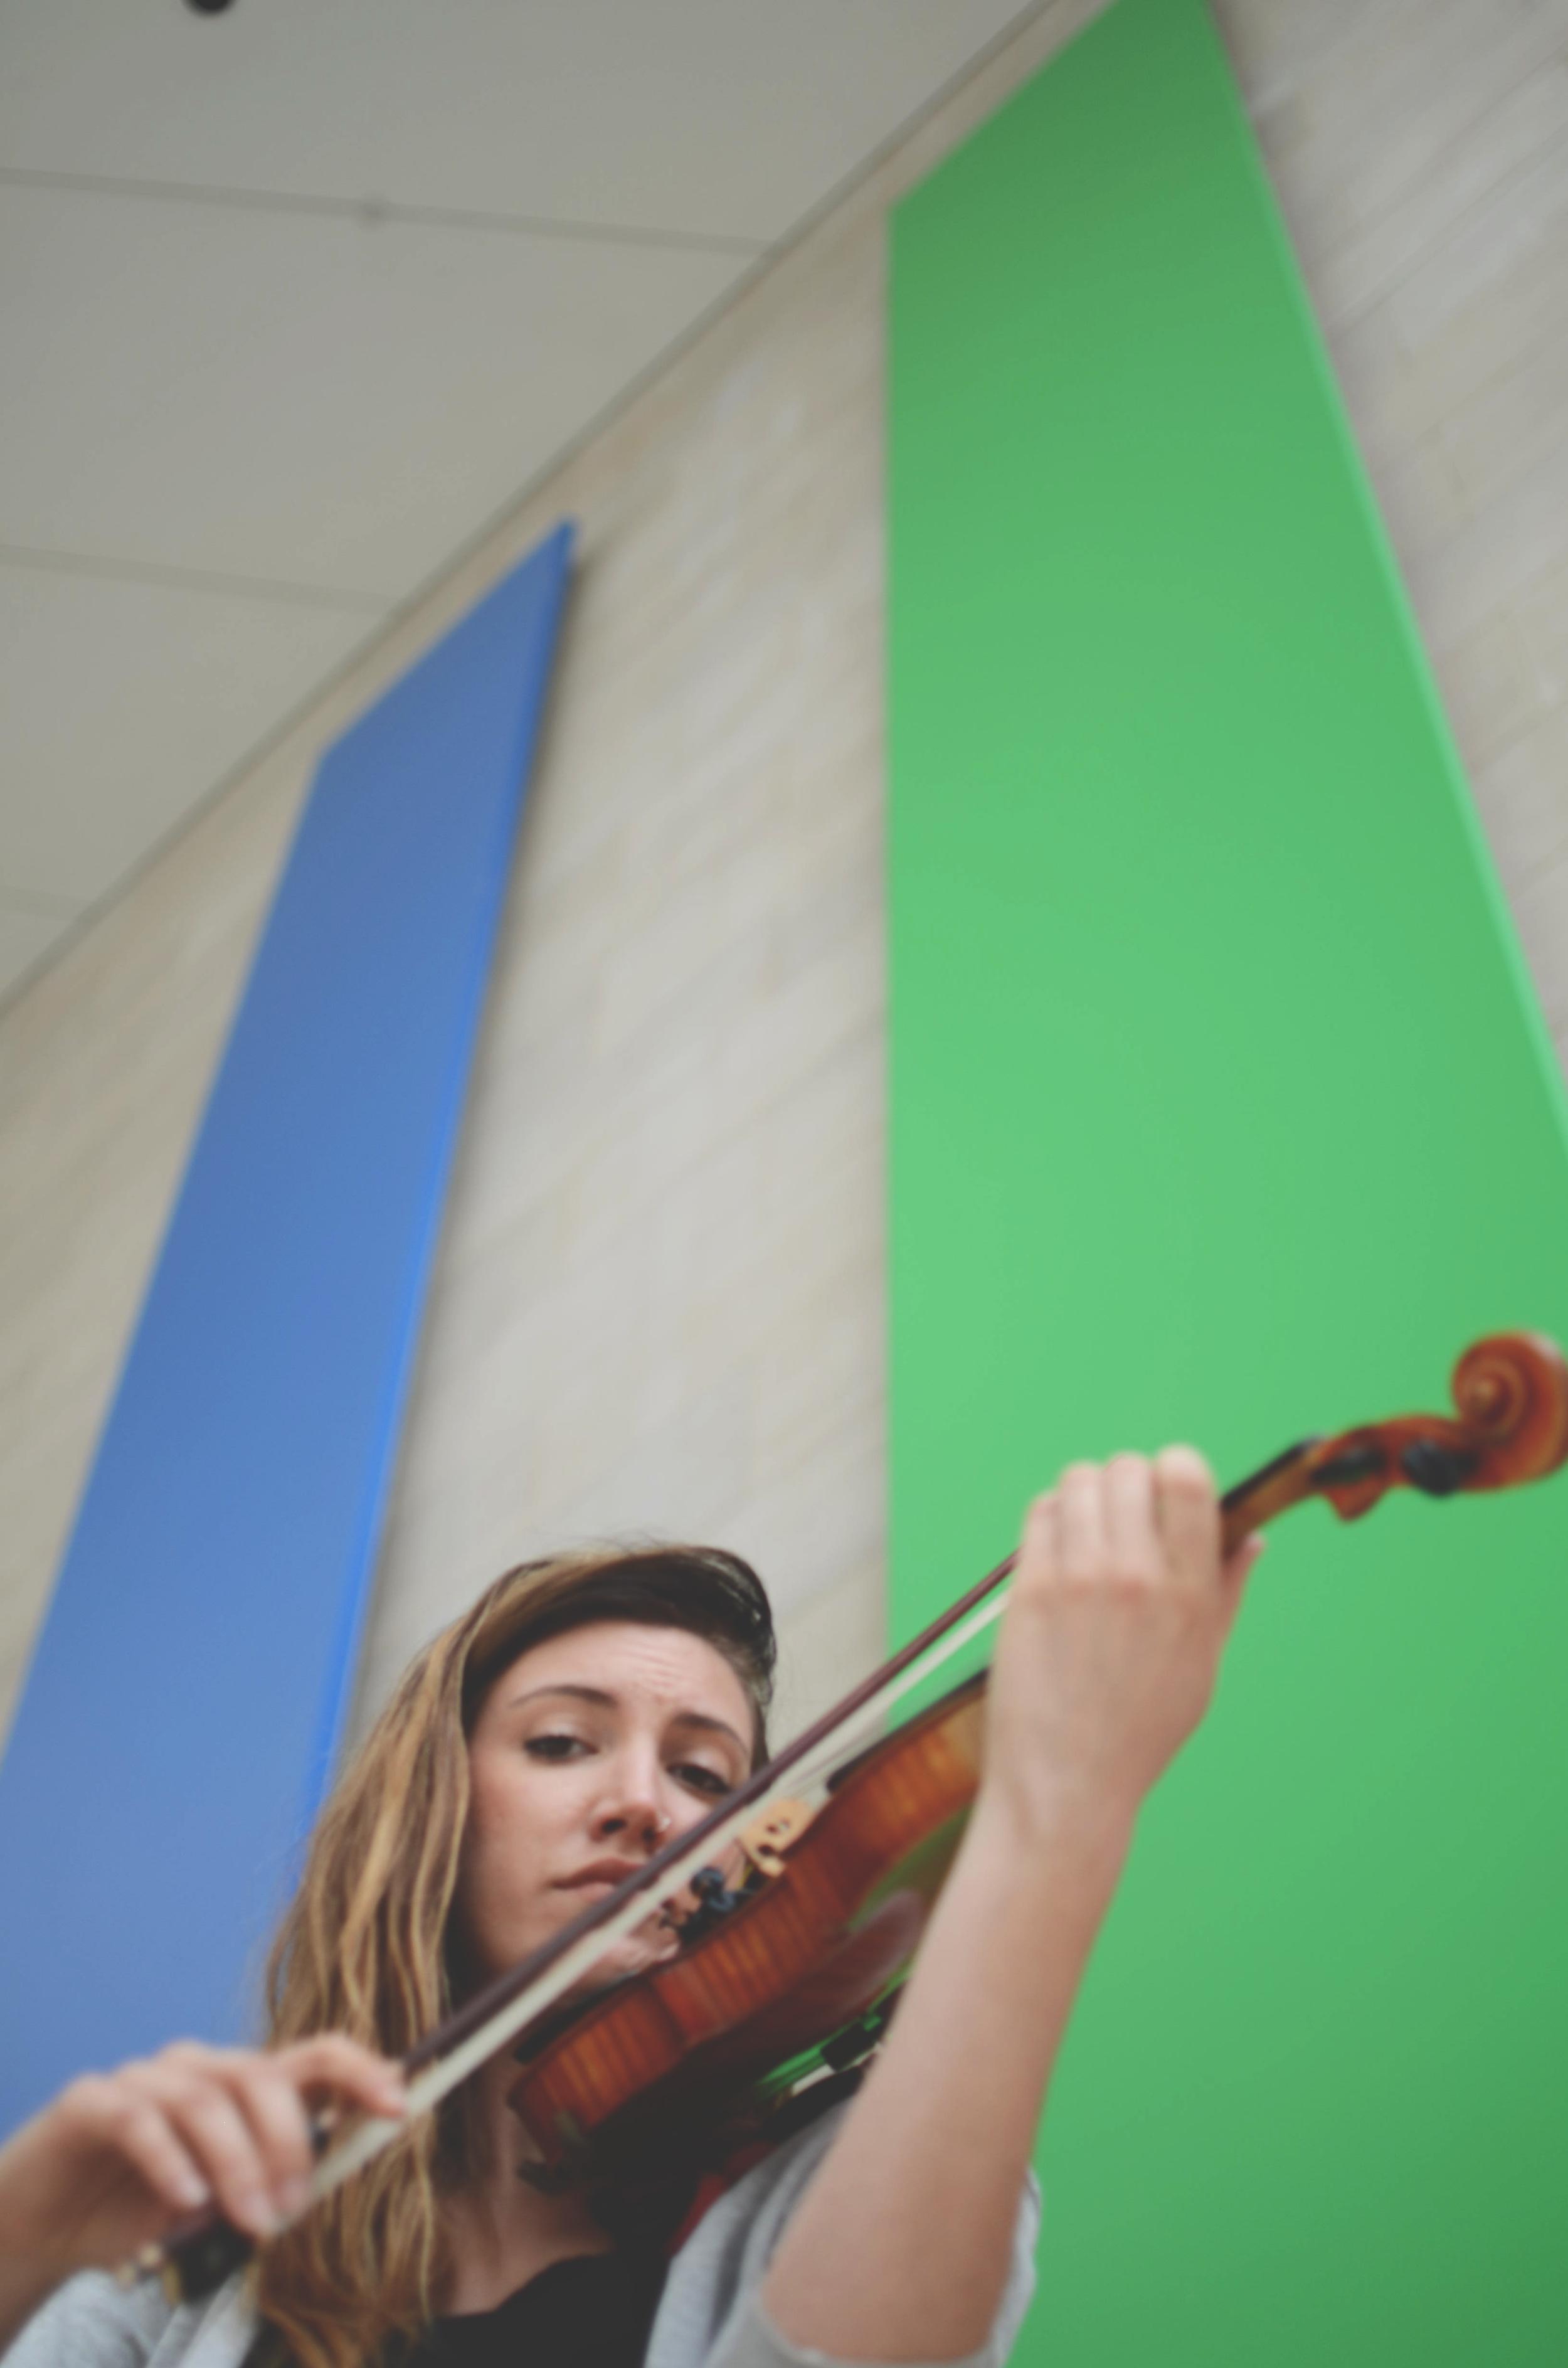 violinheadshot.jpg